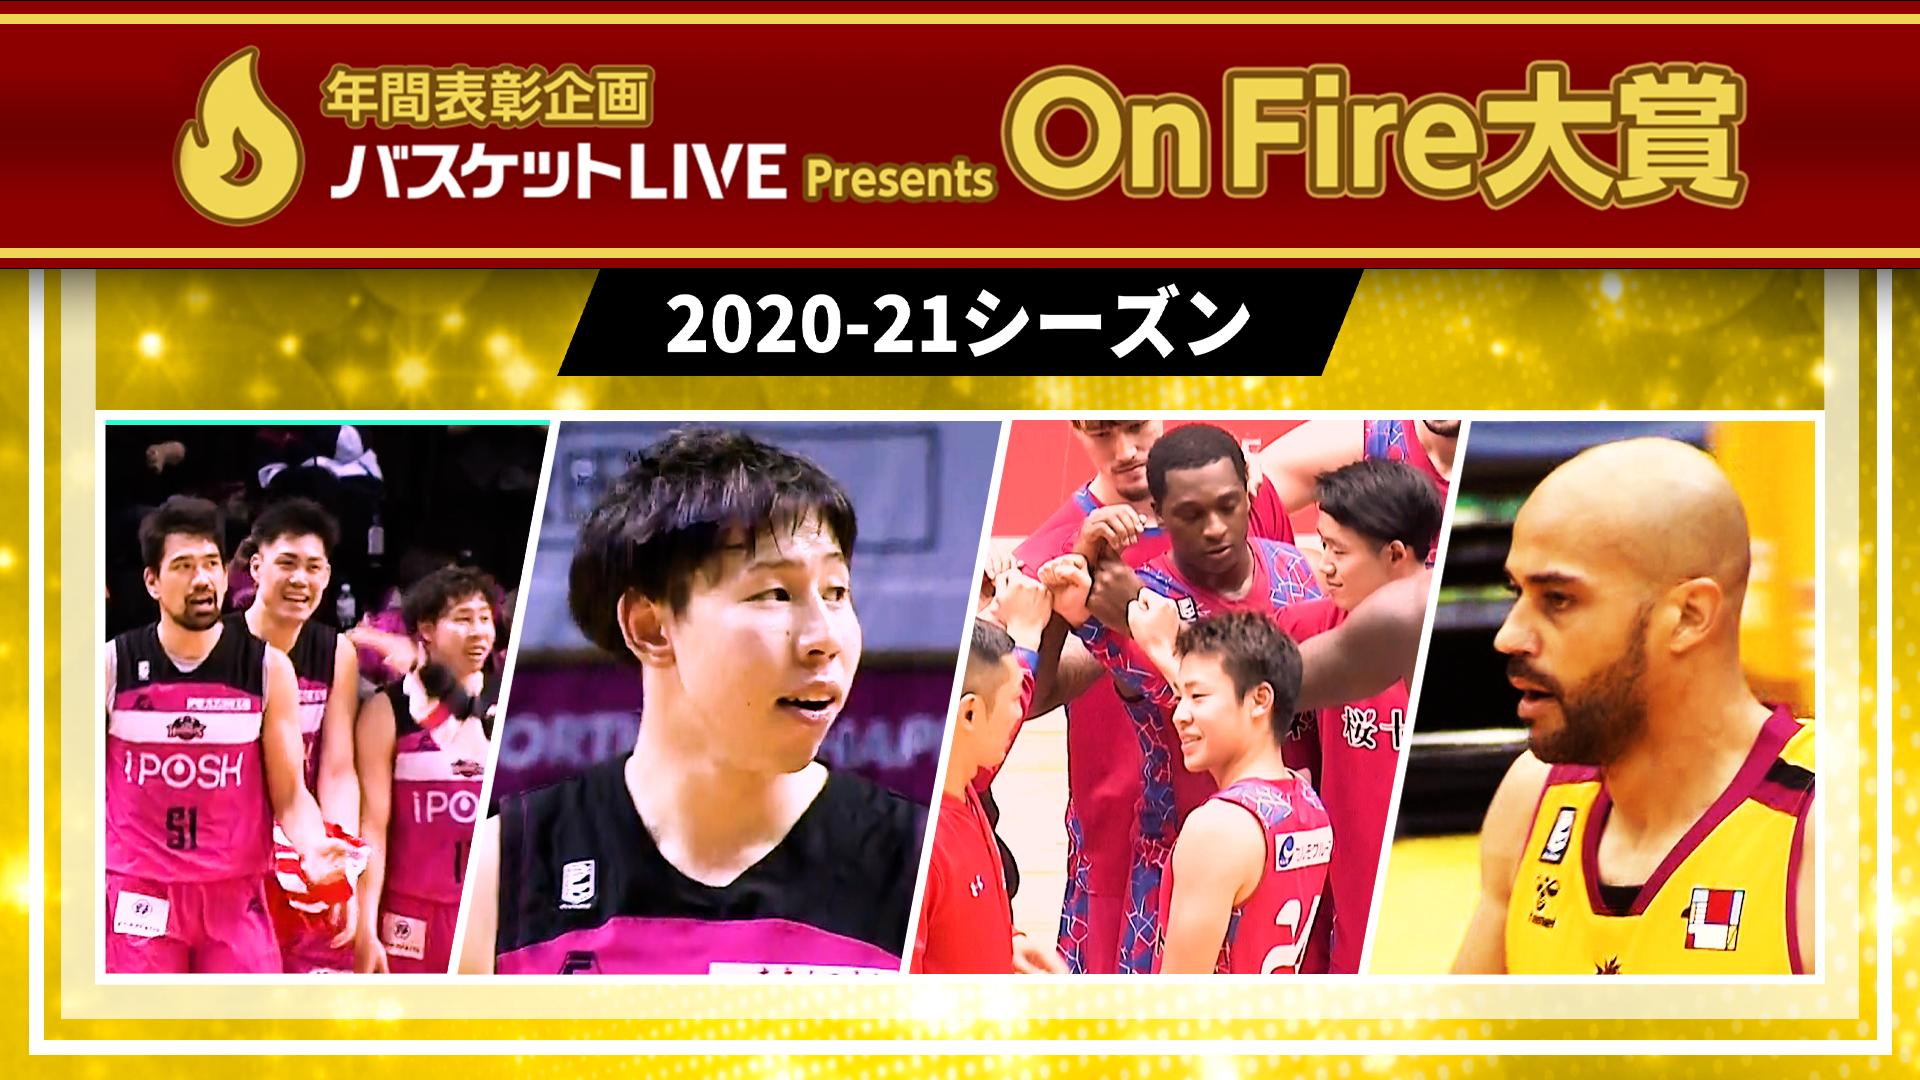 『応援機能』年間表彰 OnFire大賞 受賞クラブ・選手プレー スペシャル動画